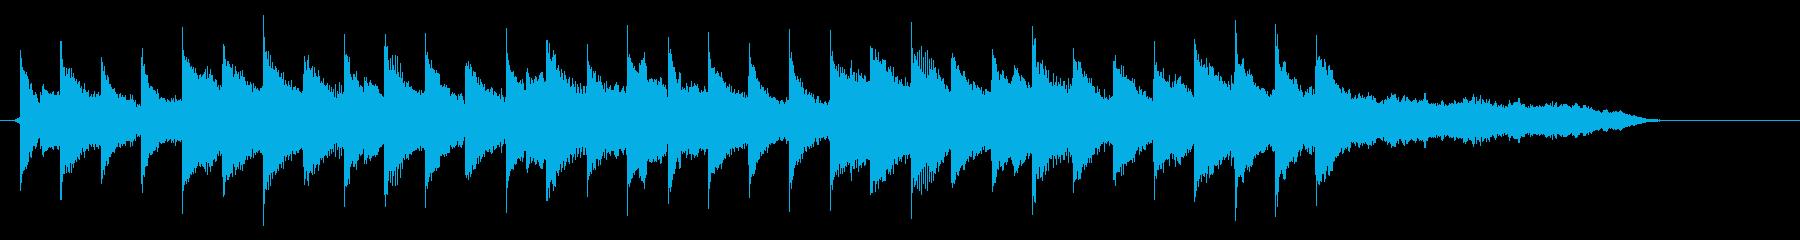 CM30秒、ピアノ、優しい、穏やか、A♭の再生済みの波形